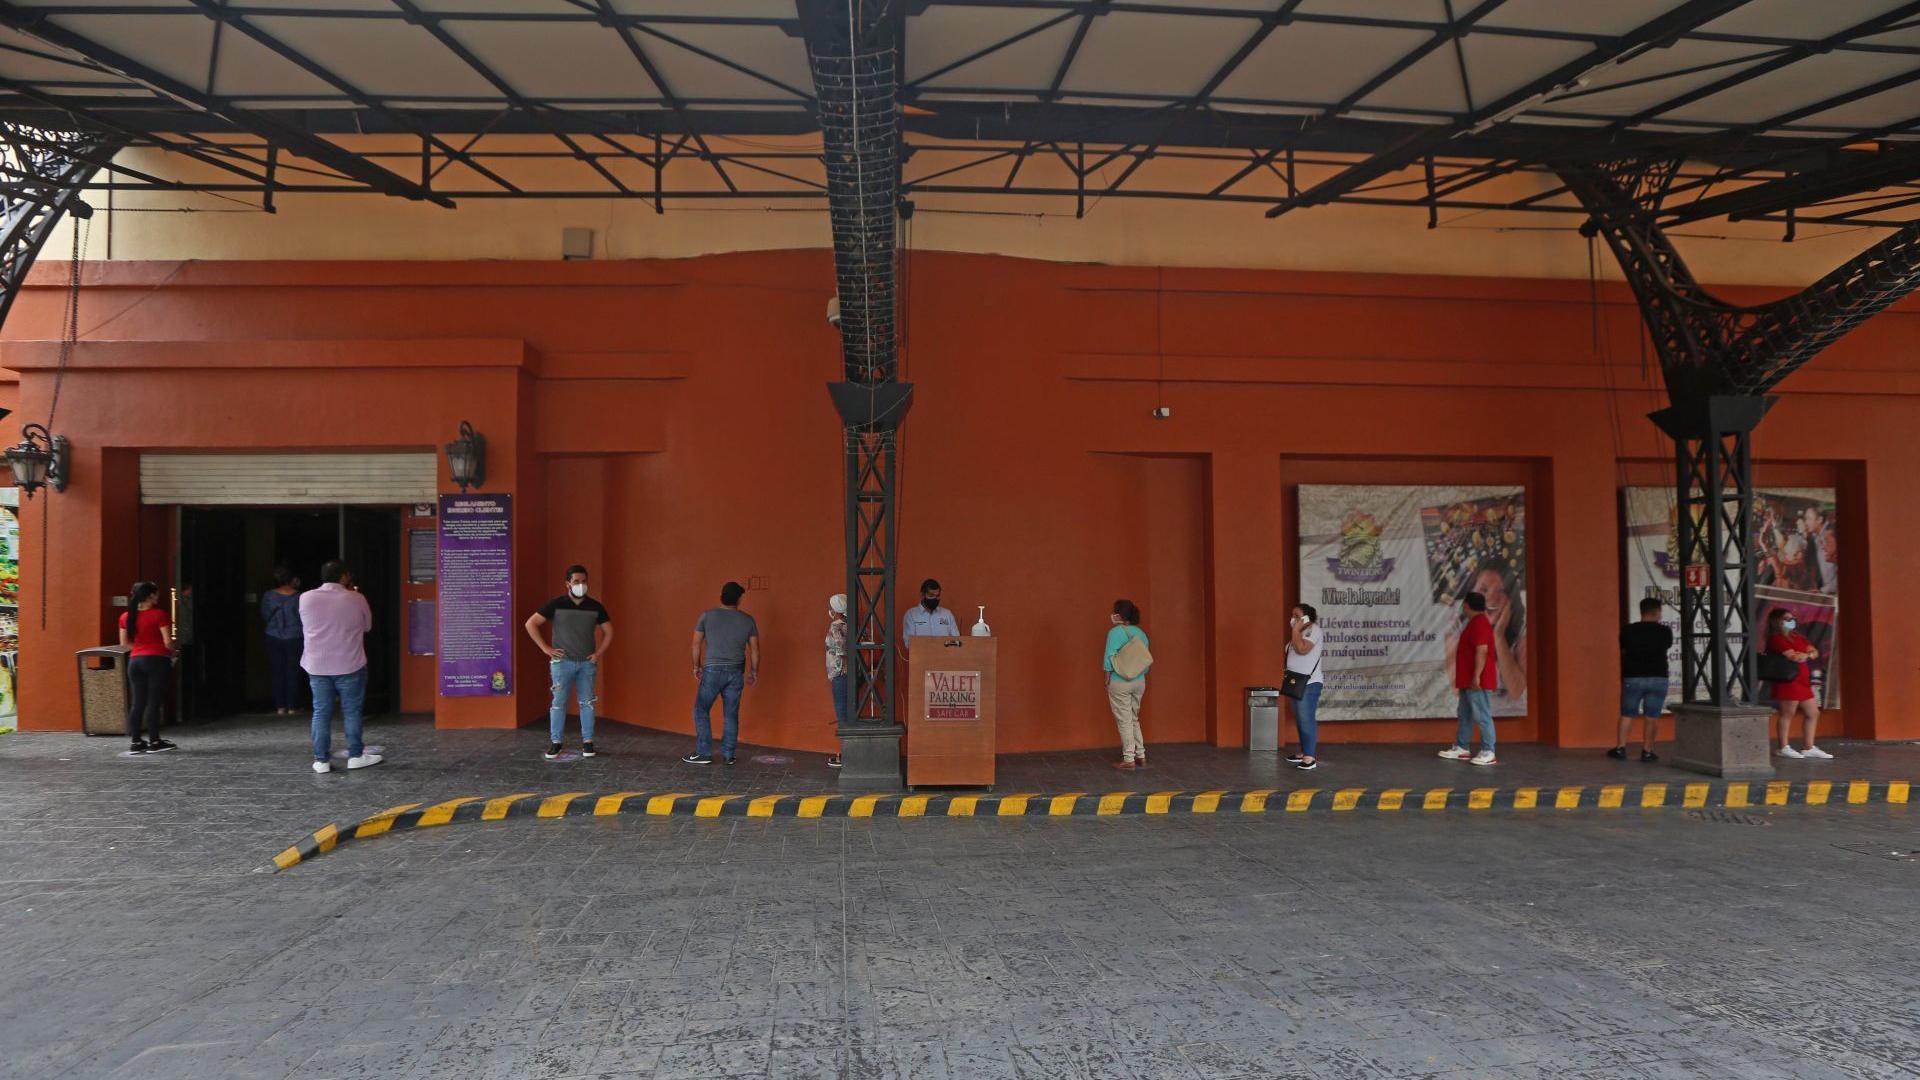 Clientes de un conocido casino de la ciudad, hacen fila tomando la sana distancia, esto previo a entrar y hacer uso de las instalaciones y después de cinco meses de permanecer cerrados a causa de la pandemia sanitaria del COVID-19 (Foto: Cuartoscuro)